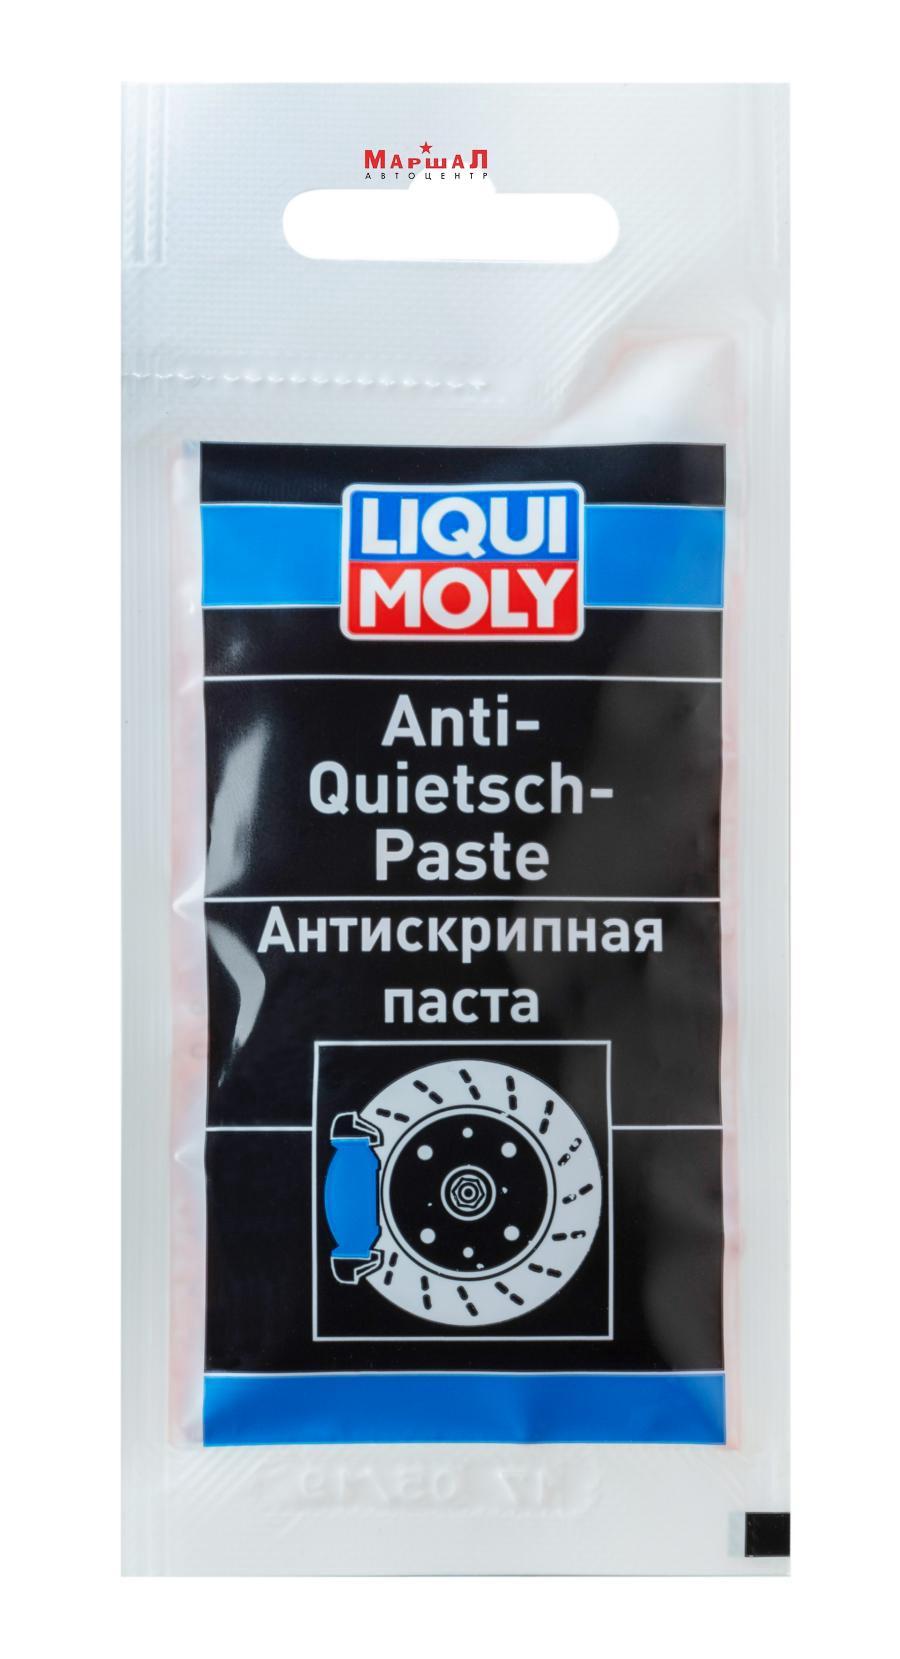 Антискрипная паста Anti-Quietsch-Paste 0,01кг